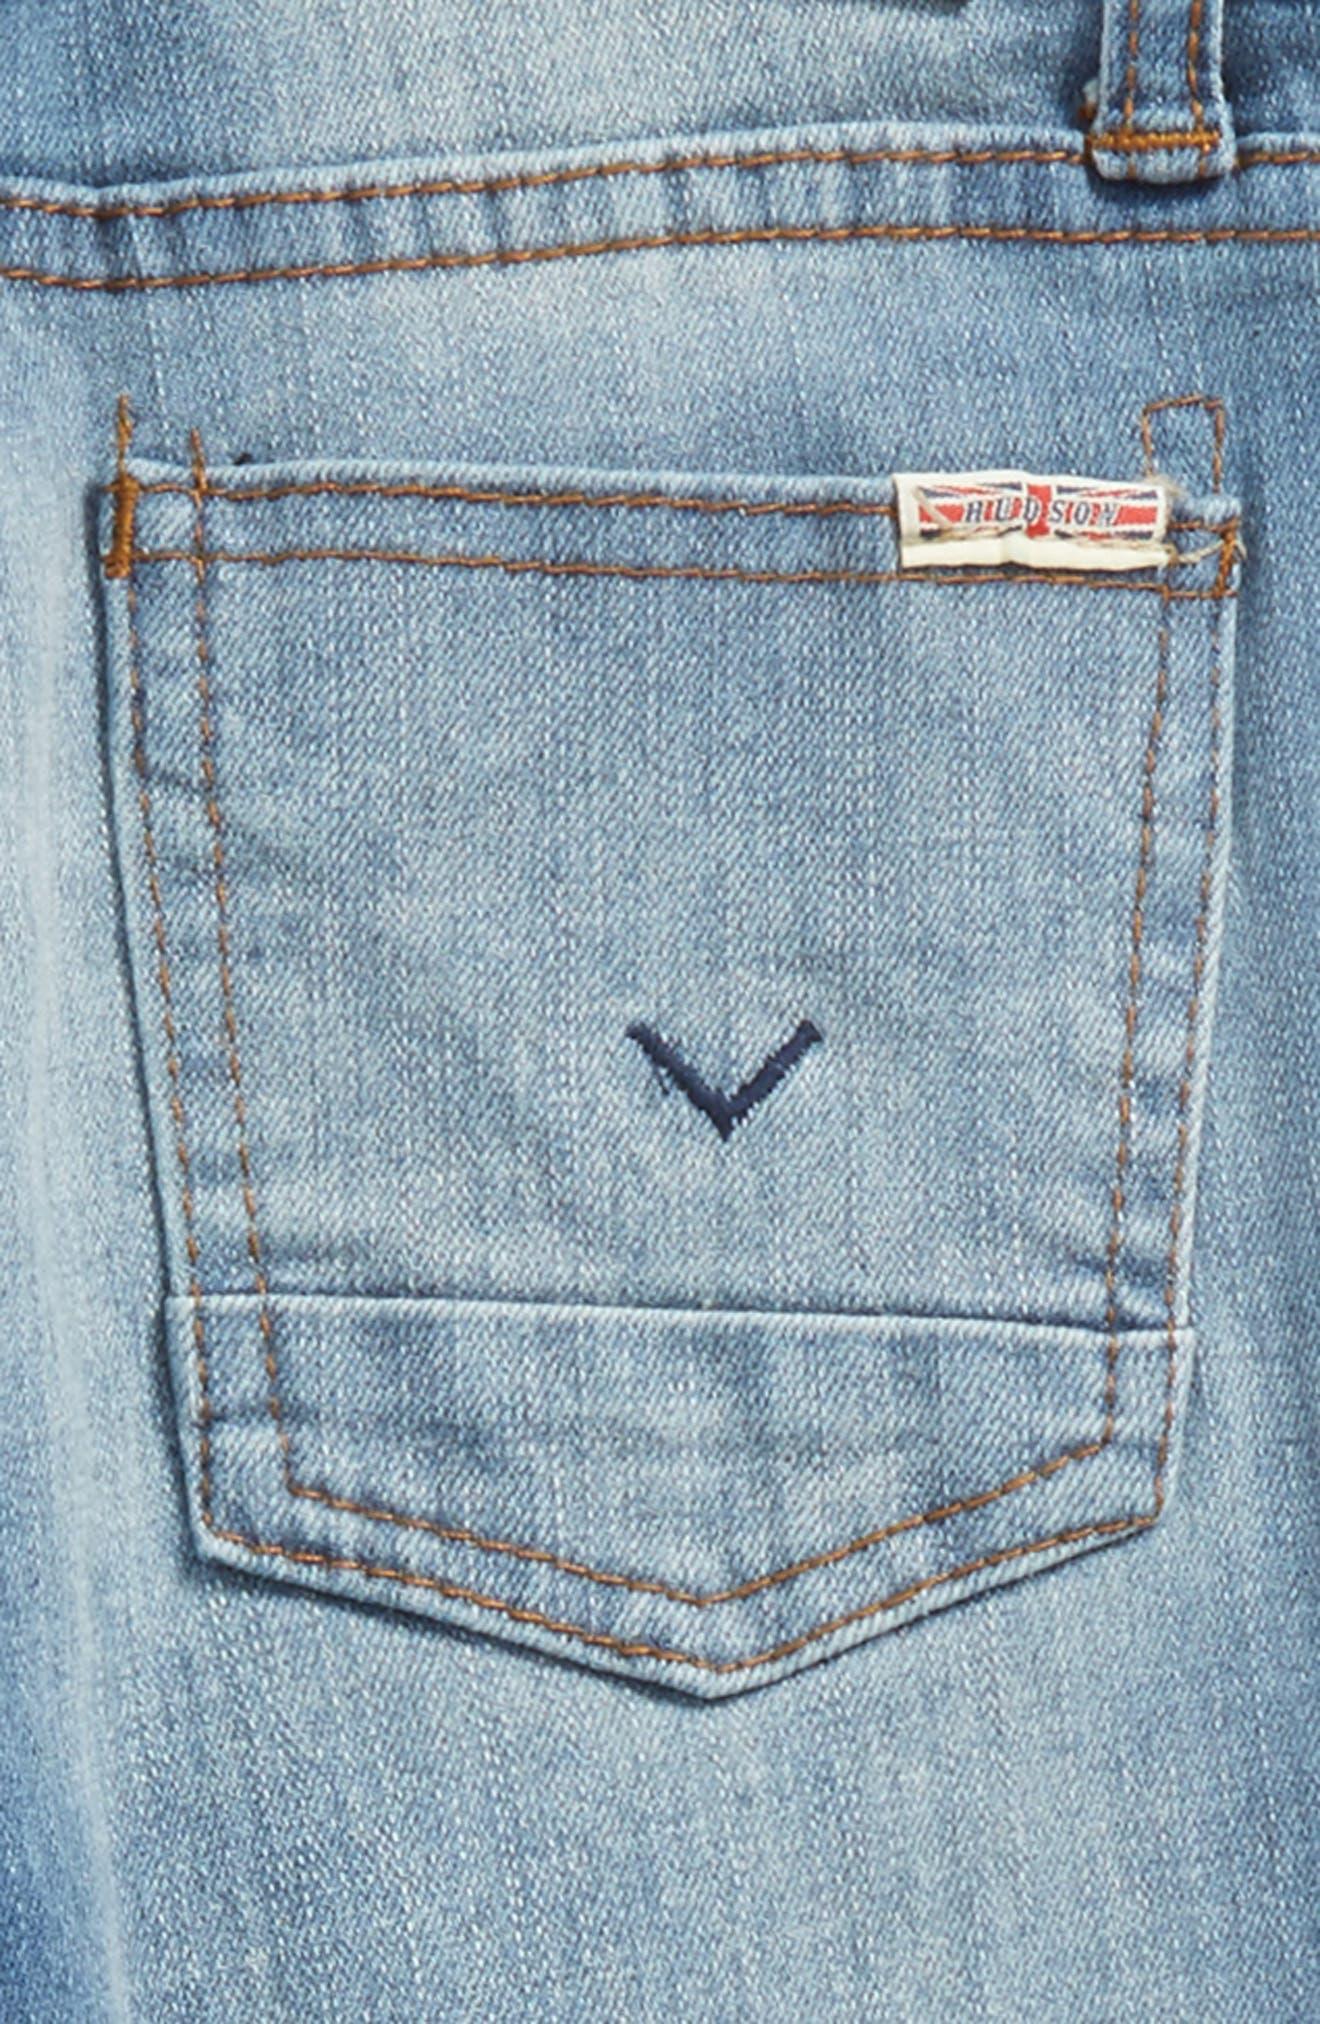 Alternate Image 3  - Hudson Kids Jagger Slim Straight Leg Jeans (Toddler Boys & Little Boys)